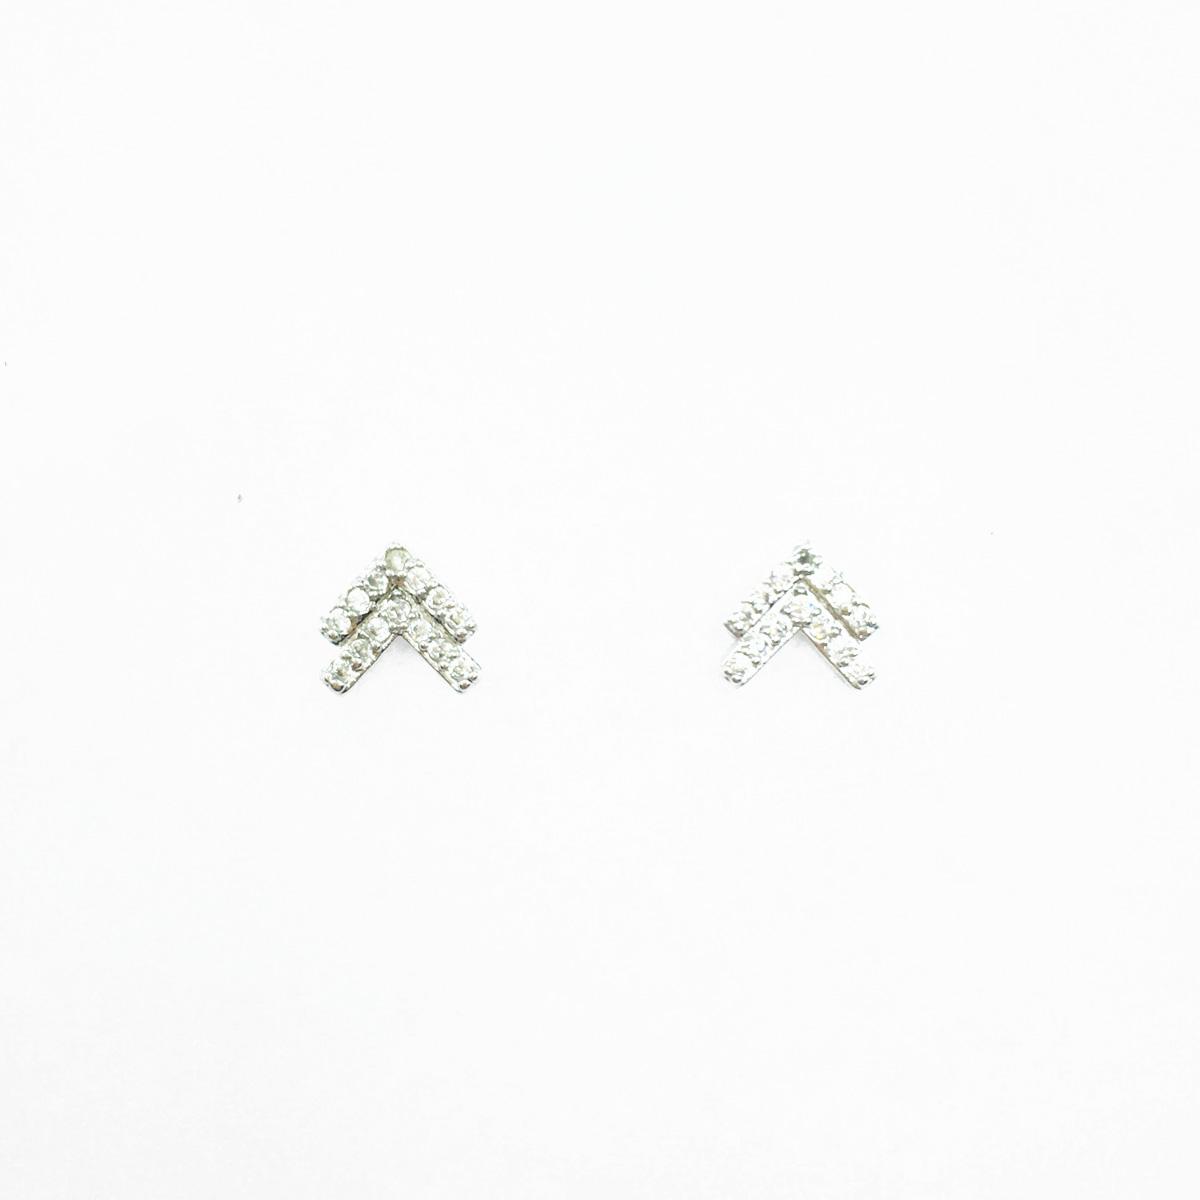 韓國 不鏽鋼 箭頭 重疊 水鑽 簡約風 日常百搭款 精緻耳針式耳環